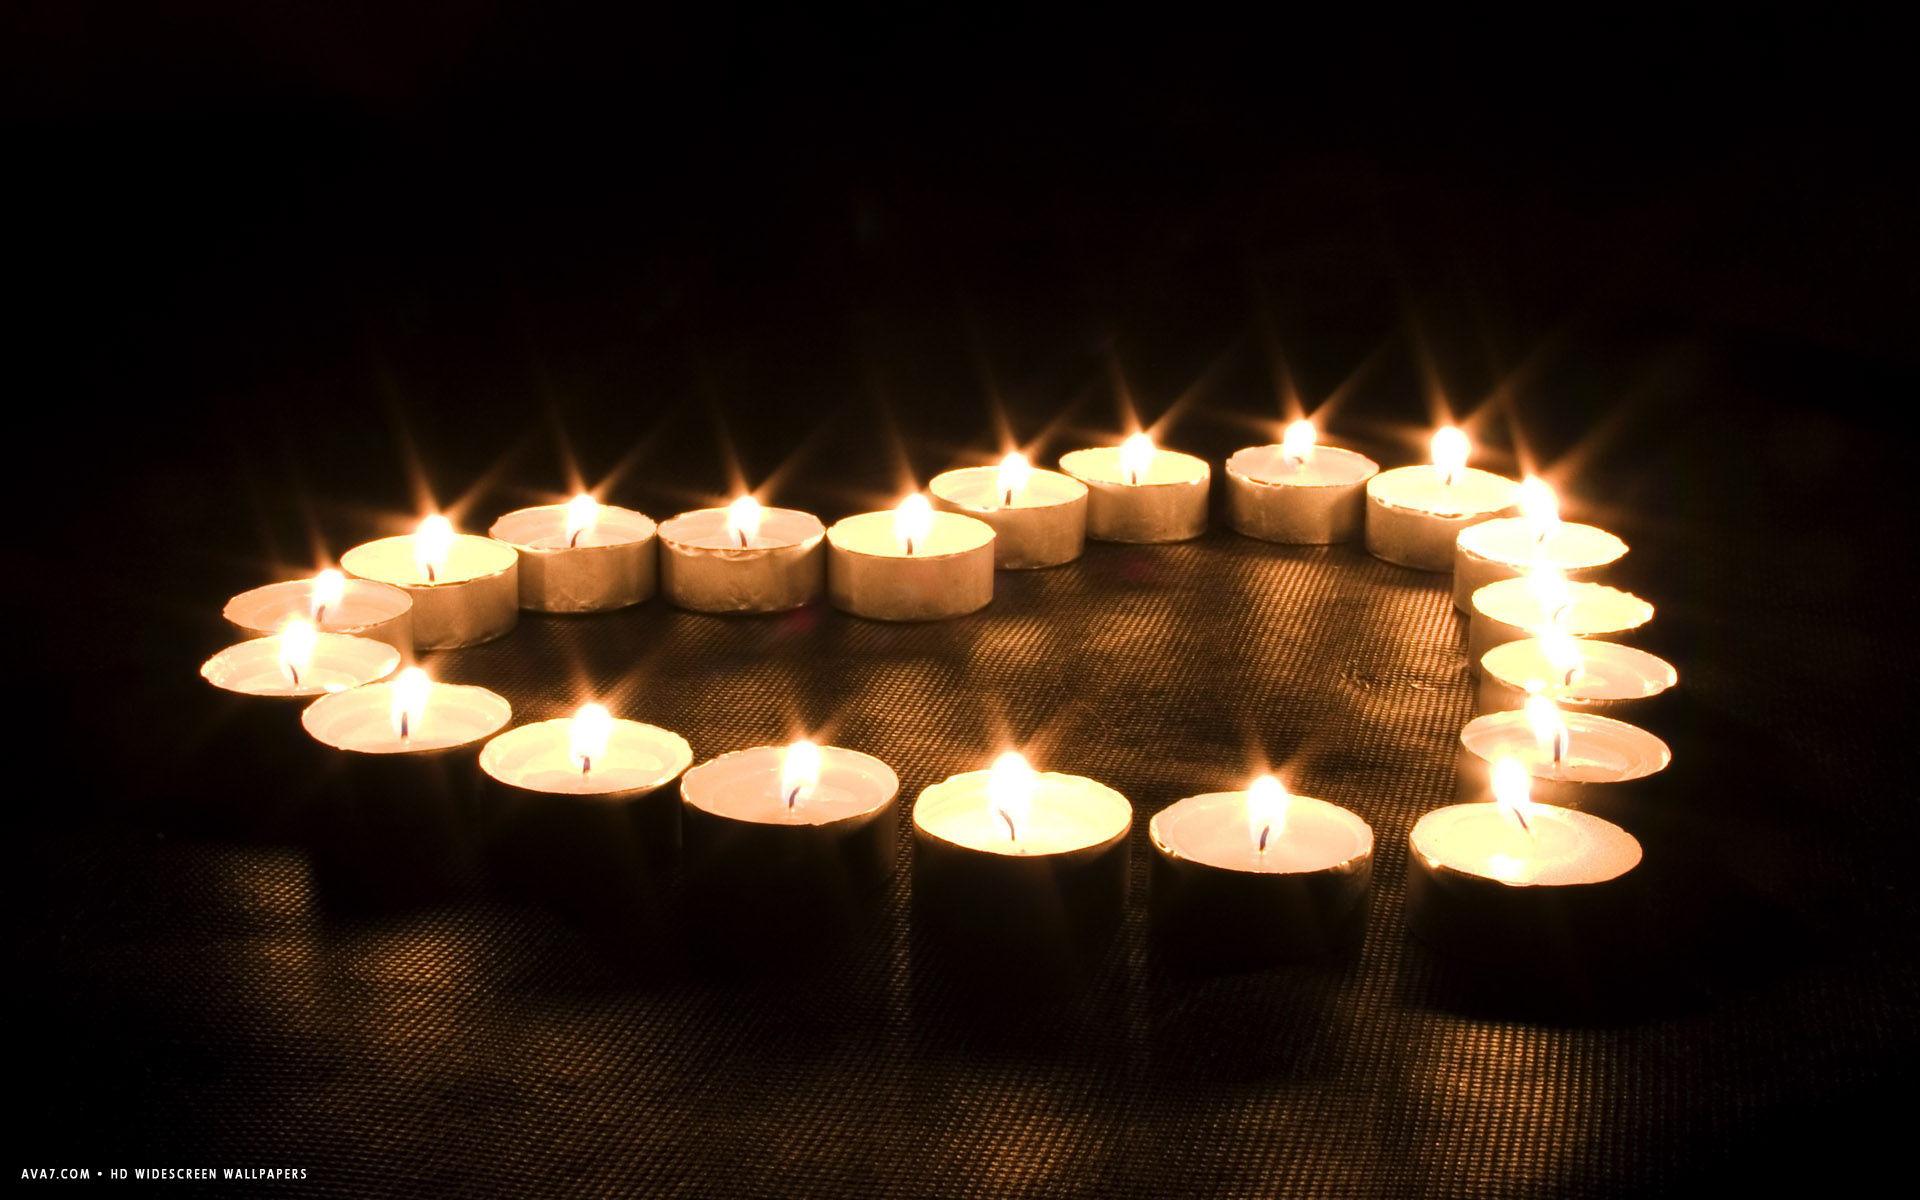 heart candles candle light shape hd widescreen wallpaper